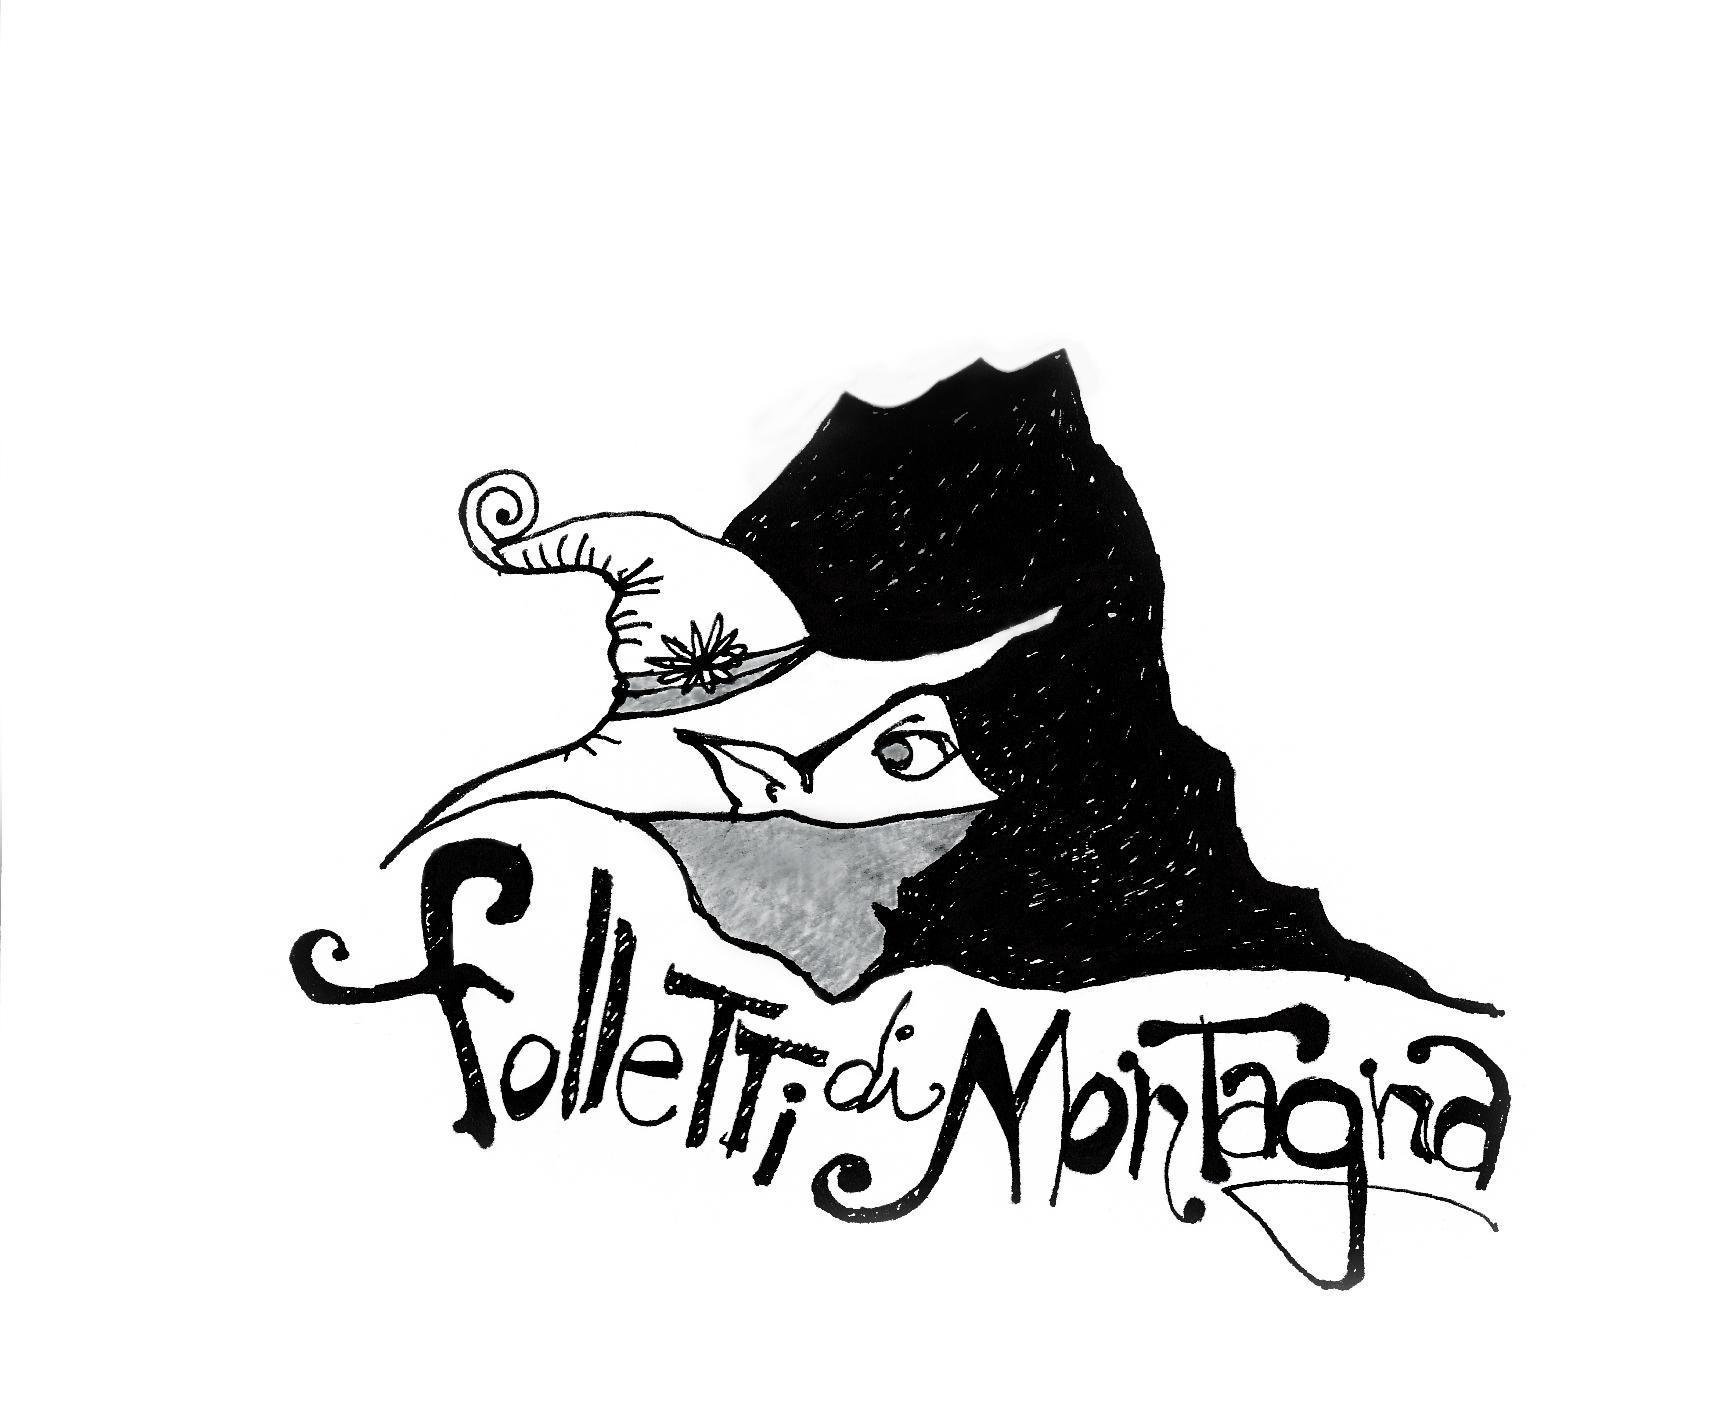 Riunione Folletti di Montagna